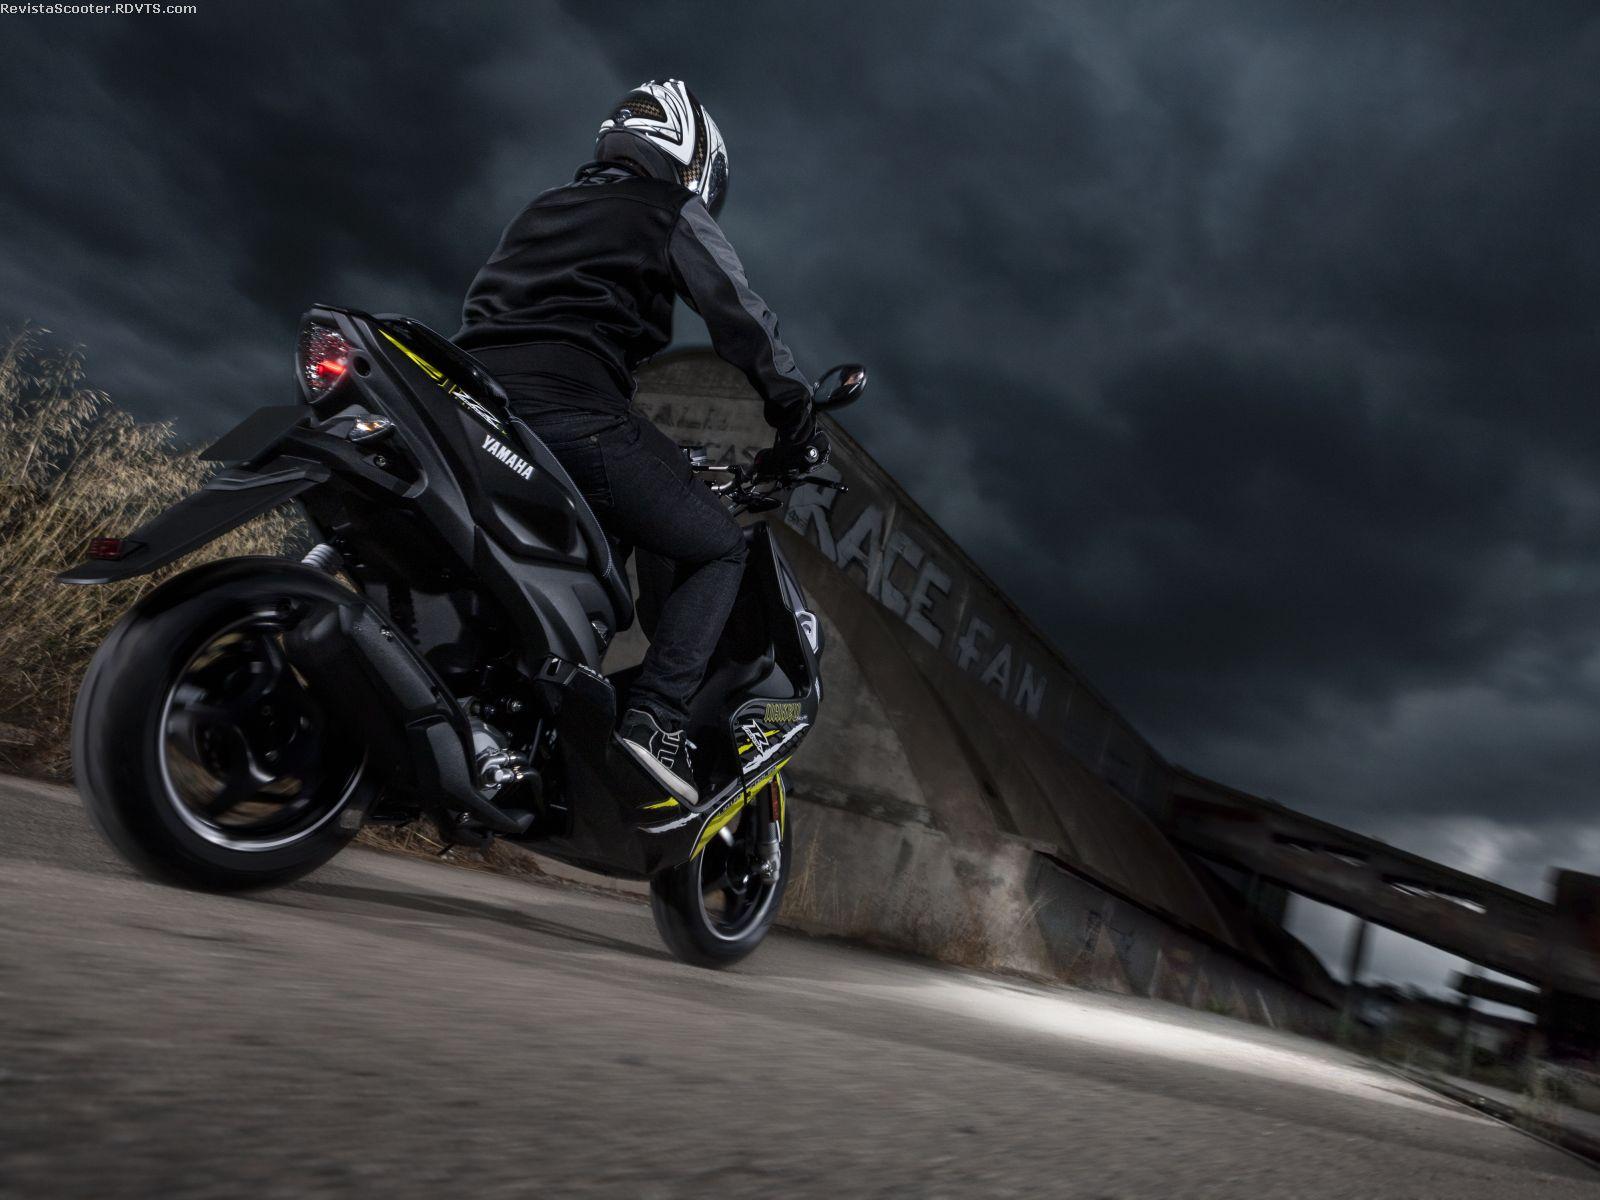 Precio y ficha técnica de la moto Yamaha Aerox 50 R Naked